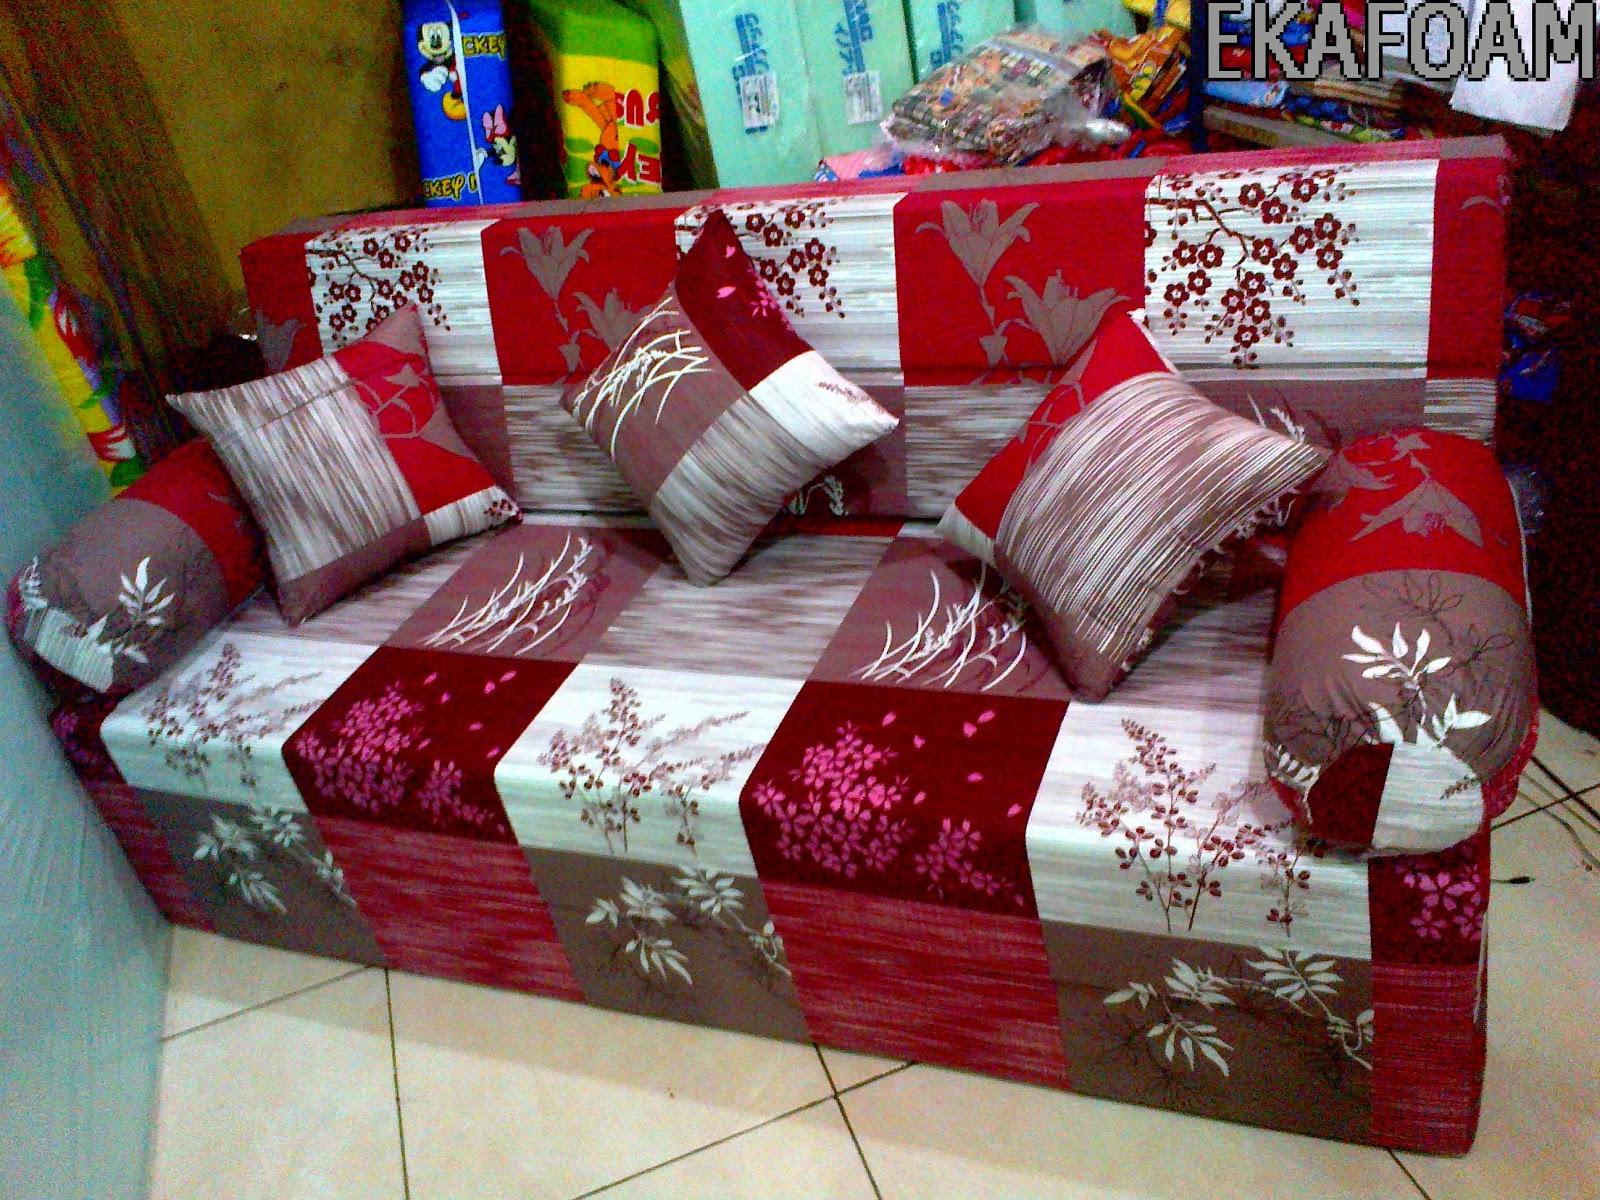 Jual SOFA BED INOAC ABSTRAK PADI MERAH MAROON 200 X 180 X 20